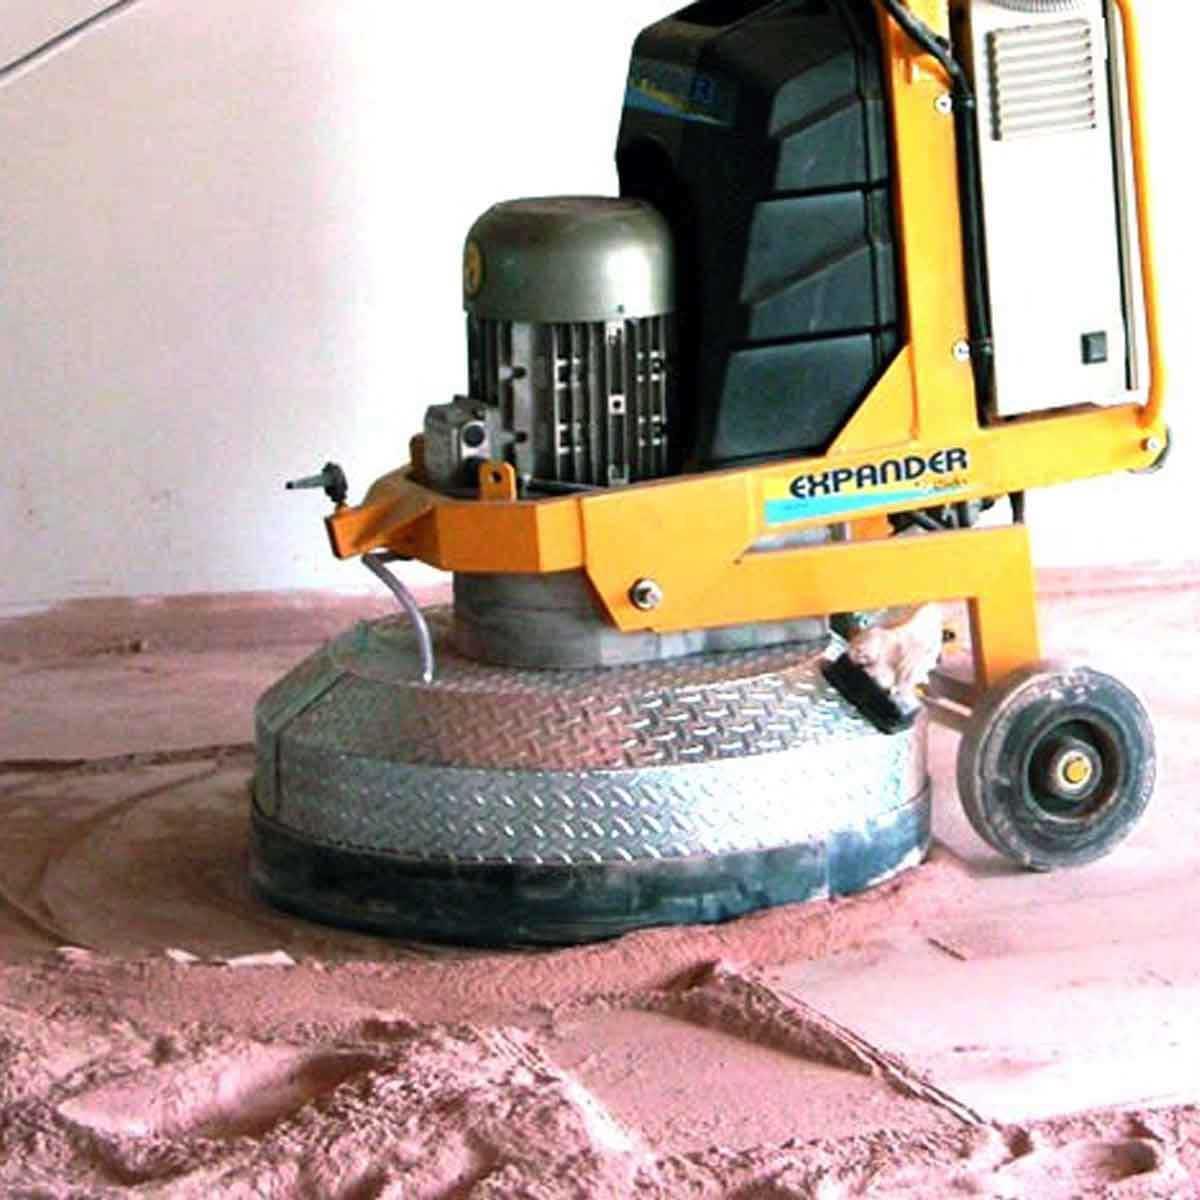 Klindex EXPANDER750 Floor Grinding